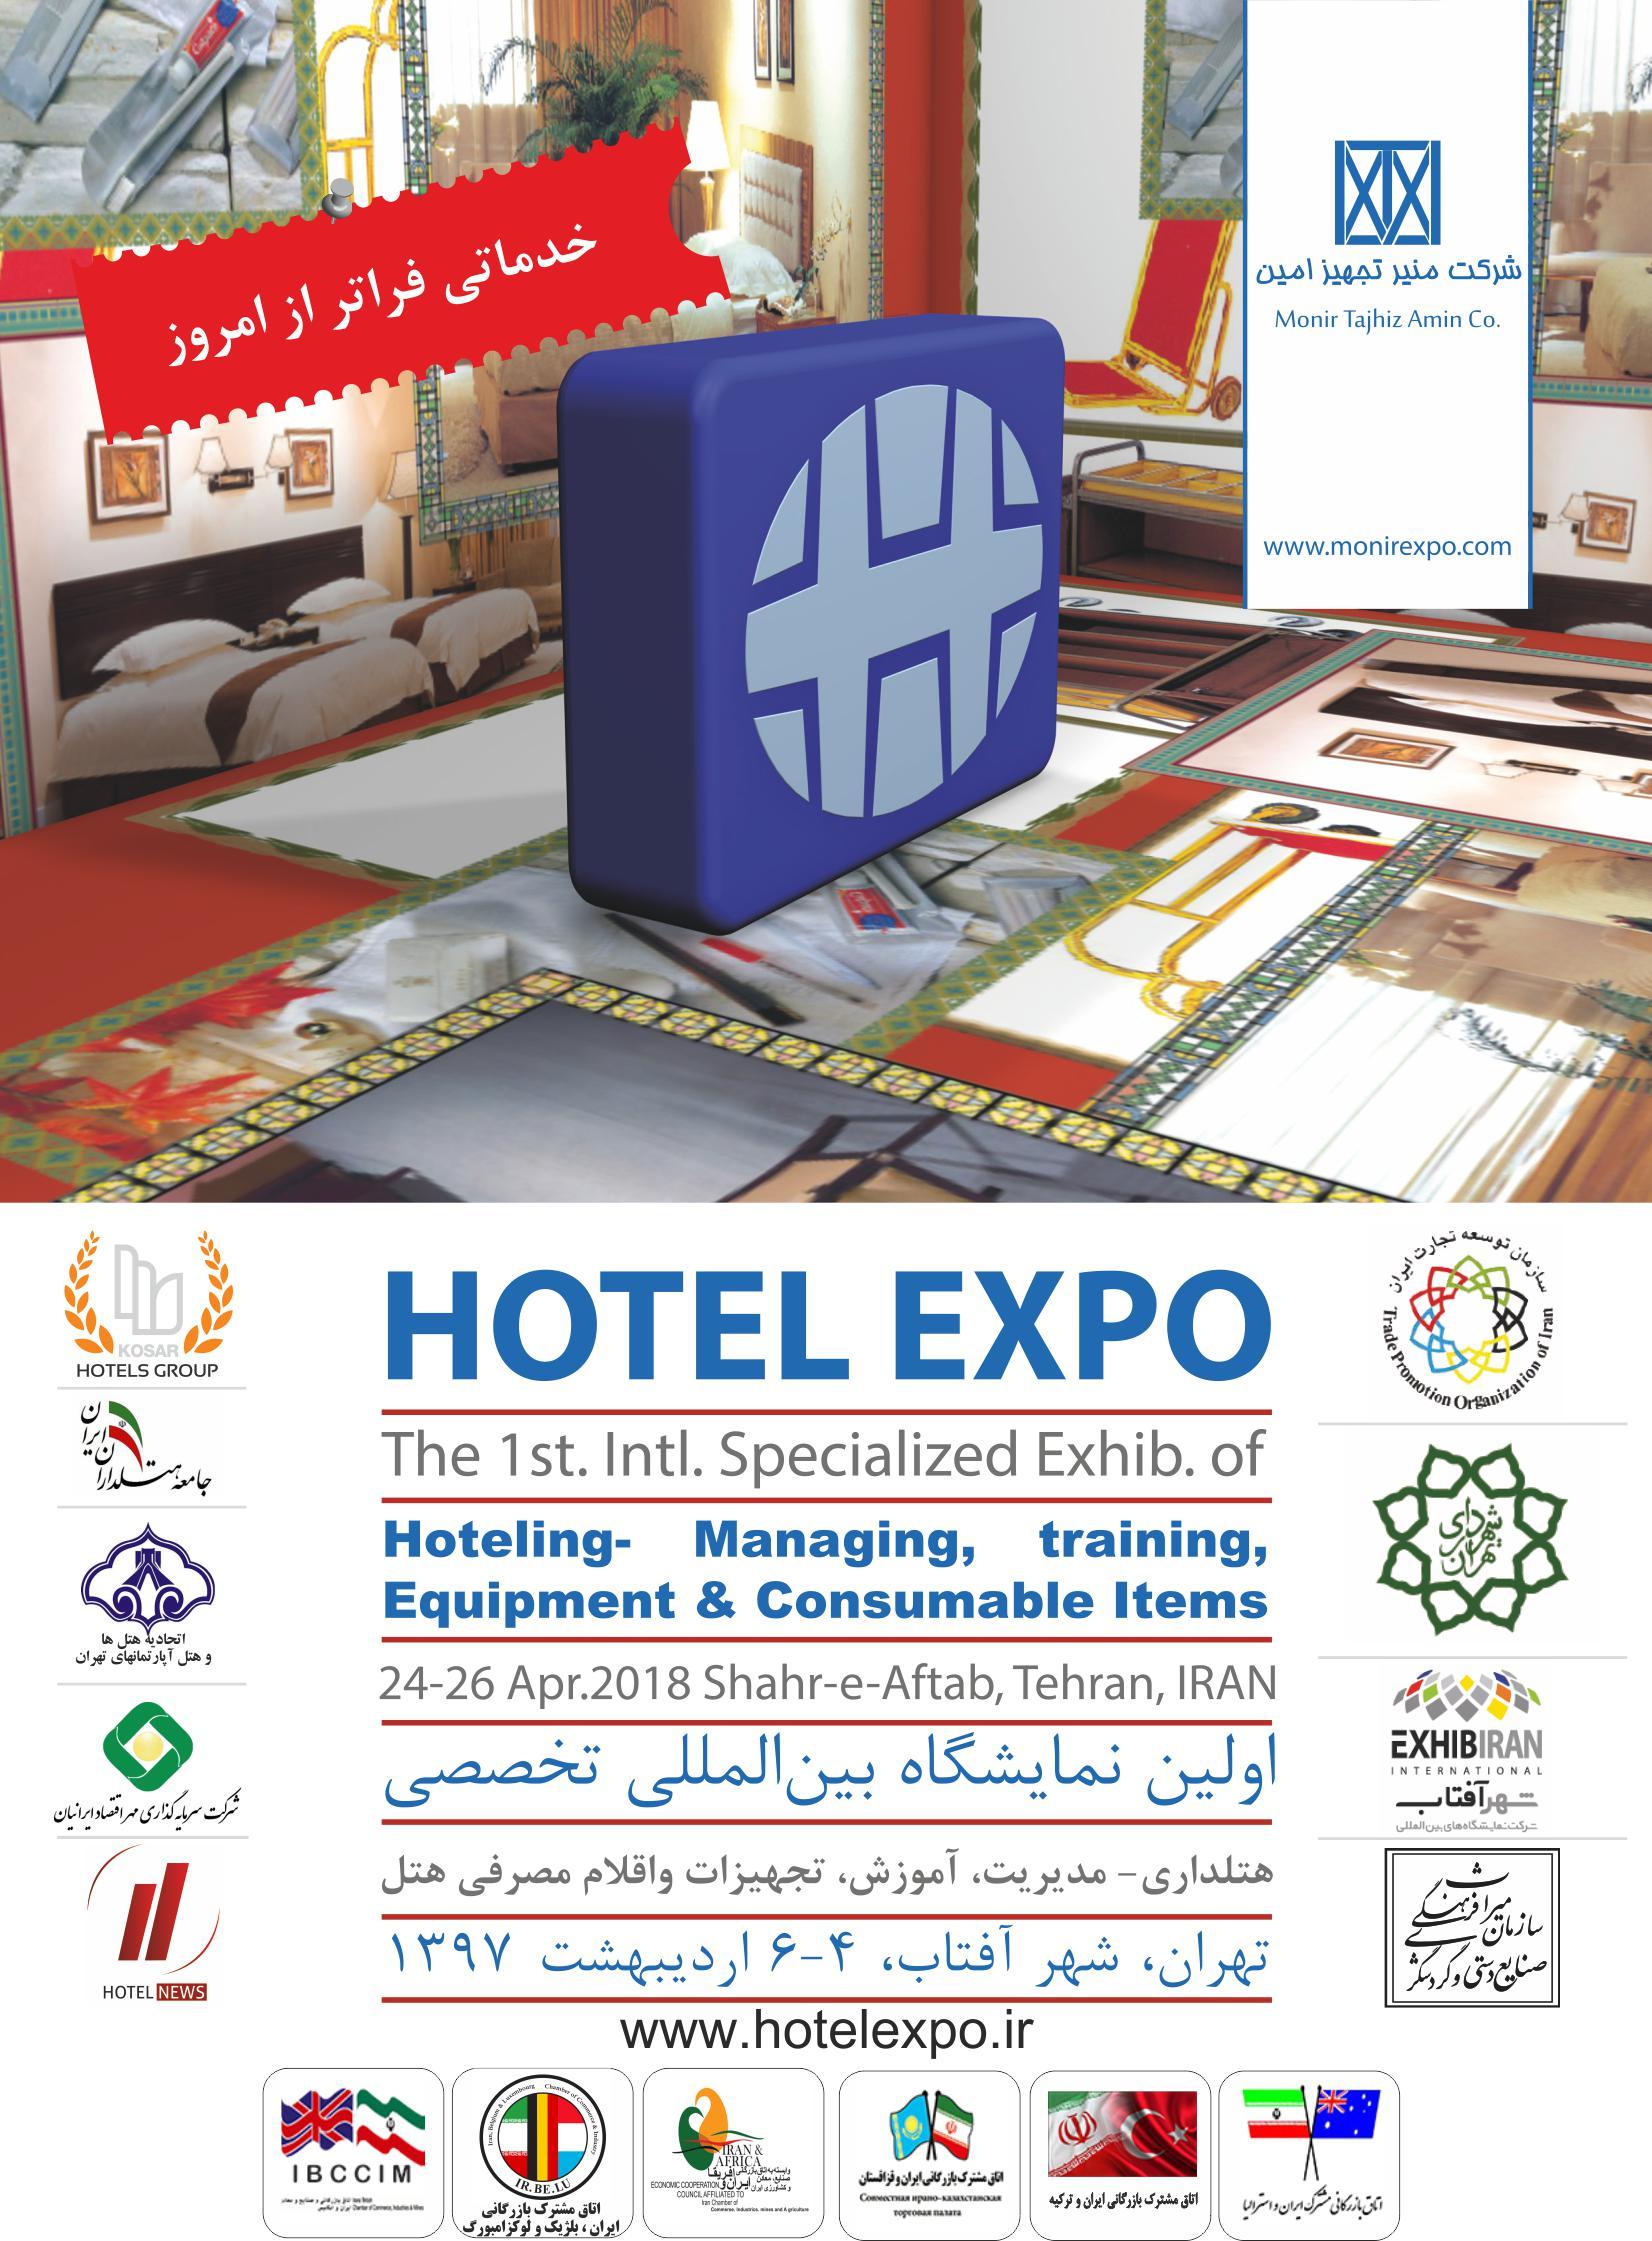 نمایشگاه بین المللی تخصصی هتلداری hotelexpo